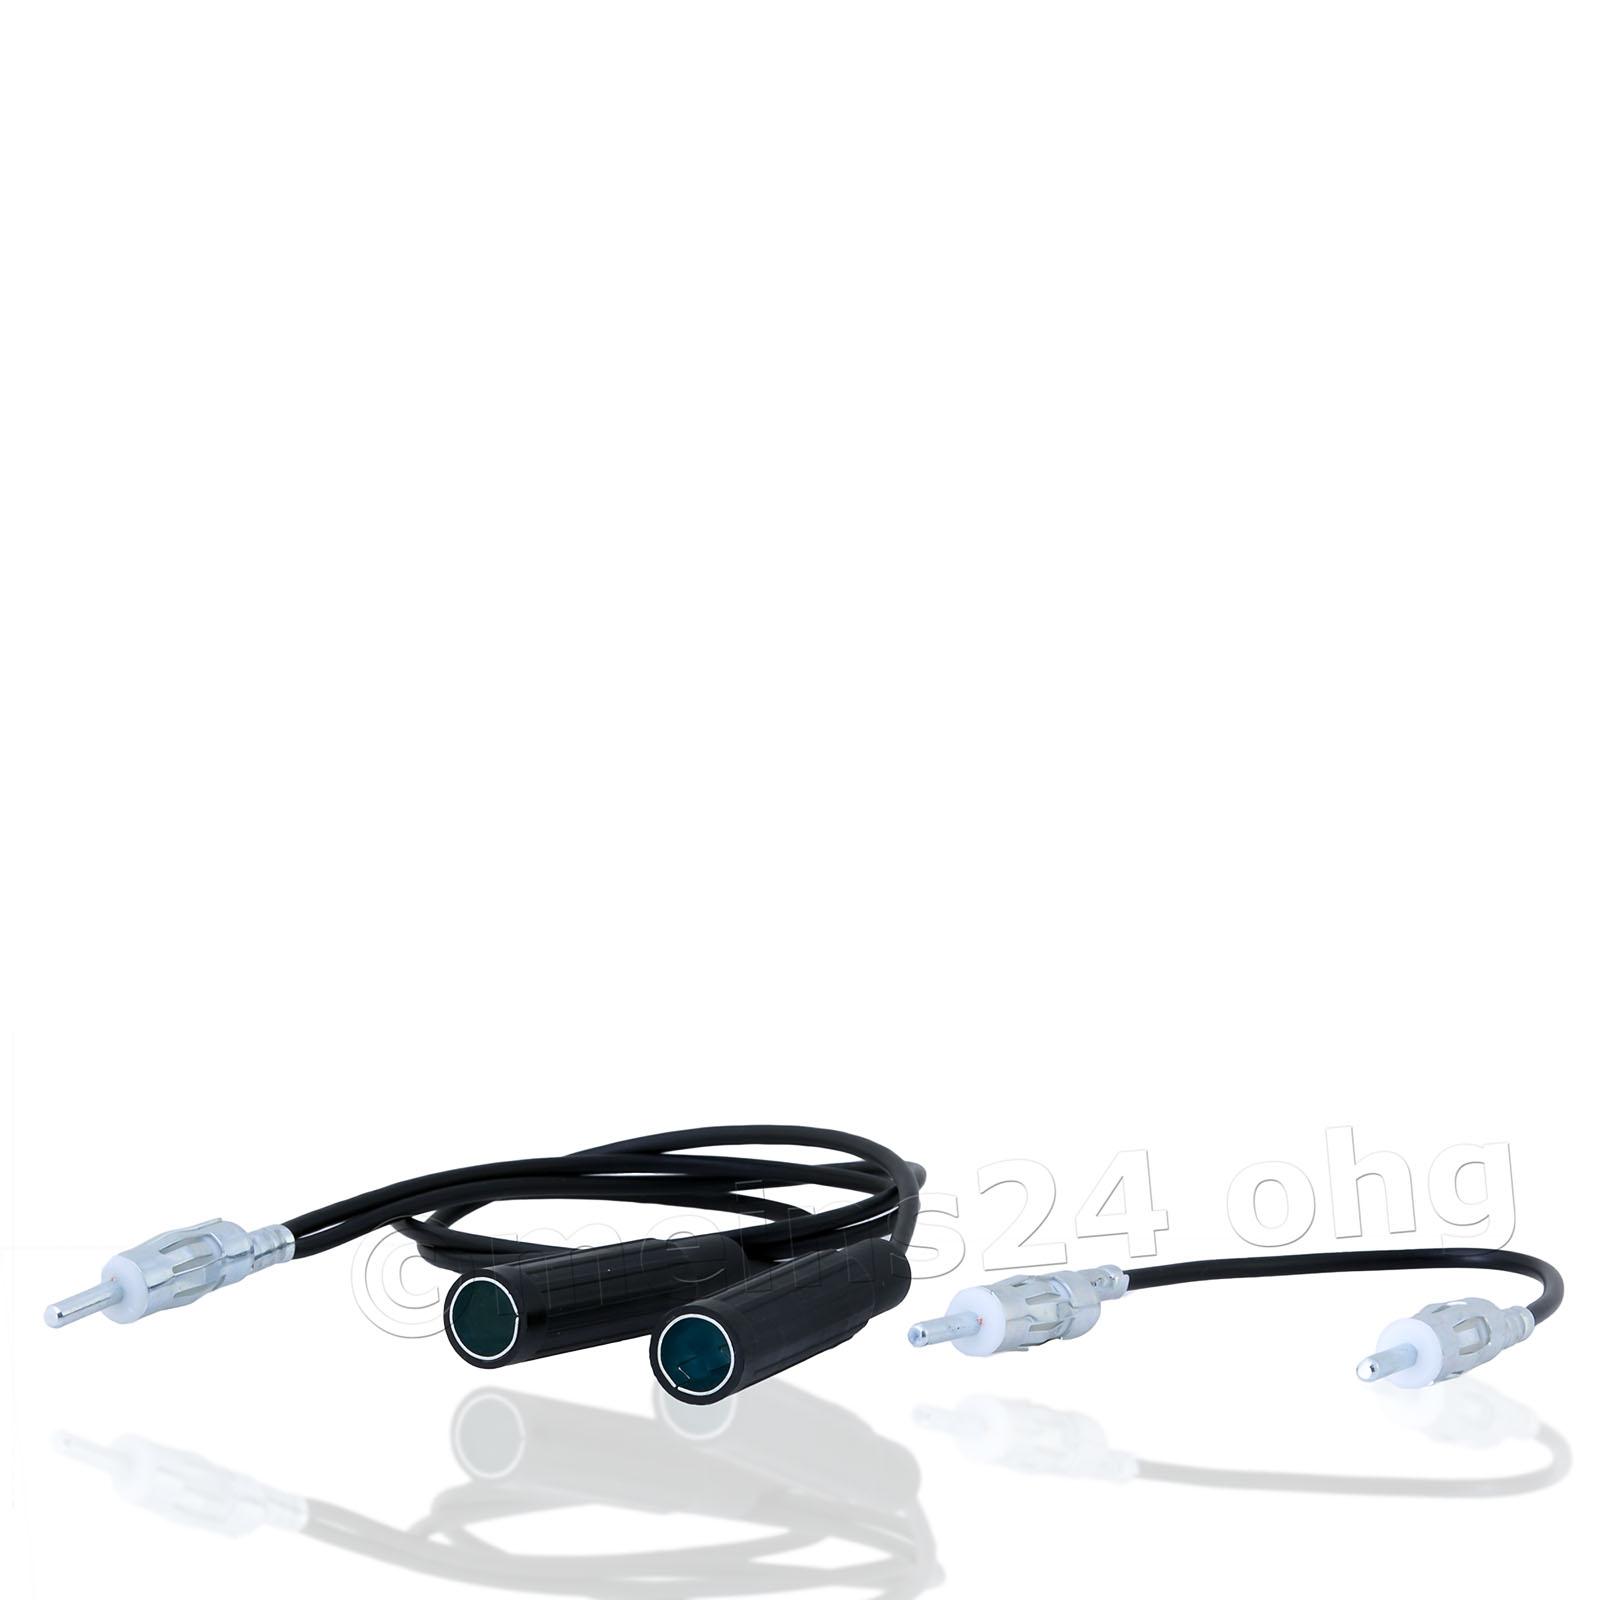 Antennenadapter DIN Stecker -> 2x DIN Buchse (2 Antennen oder TMC)